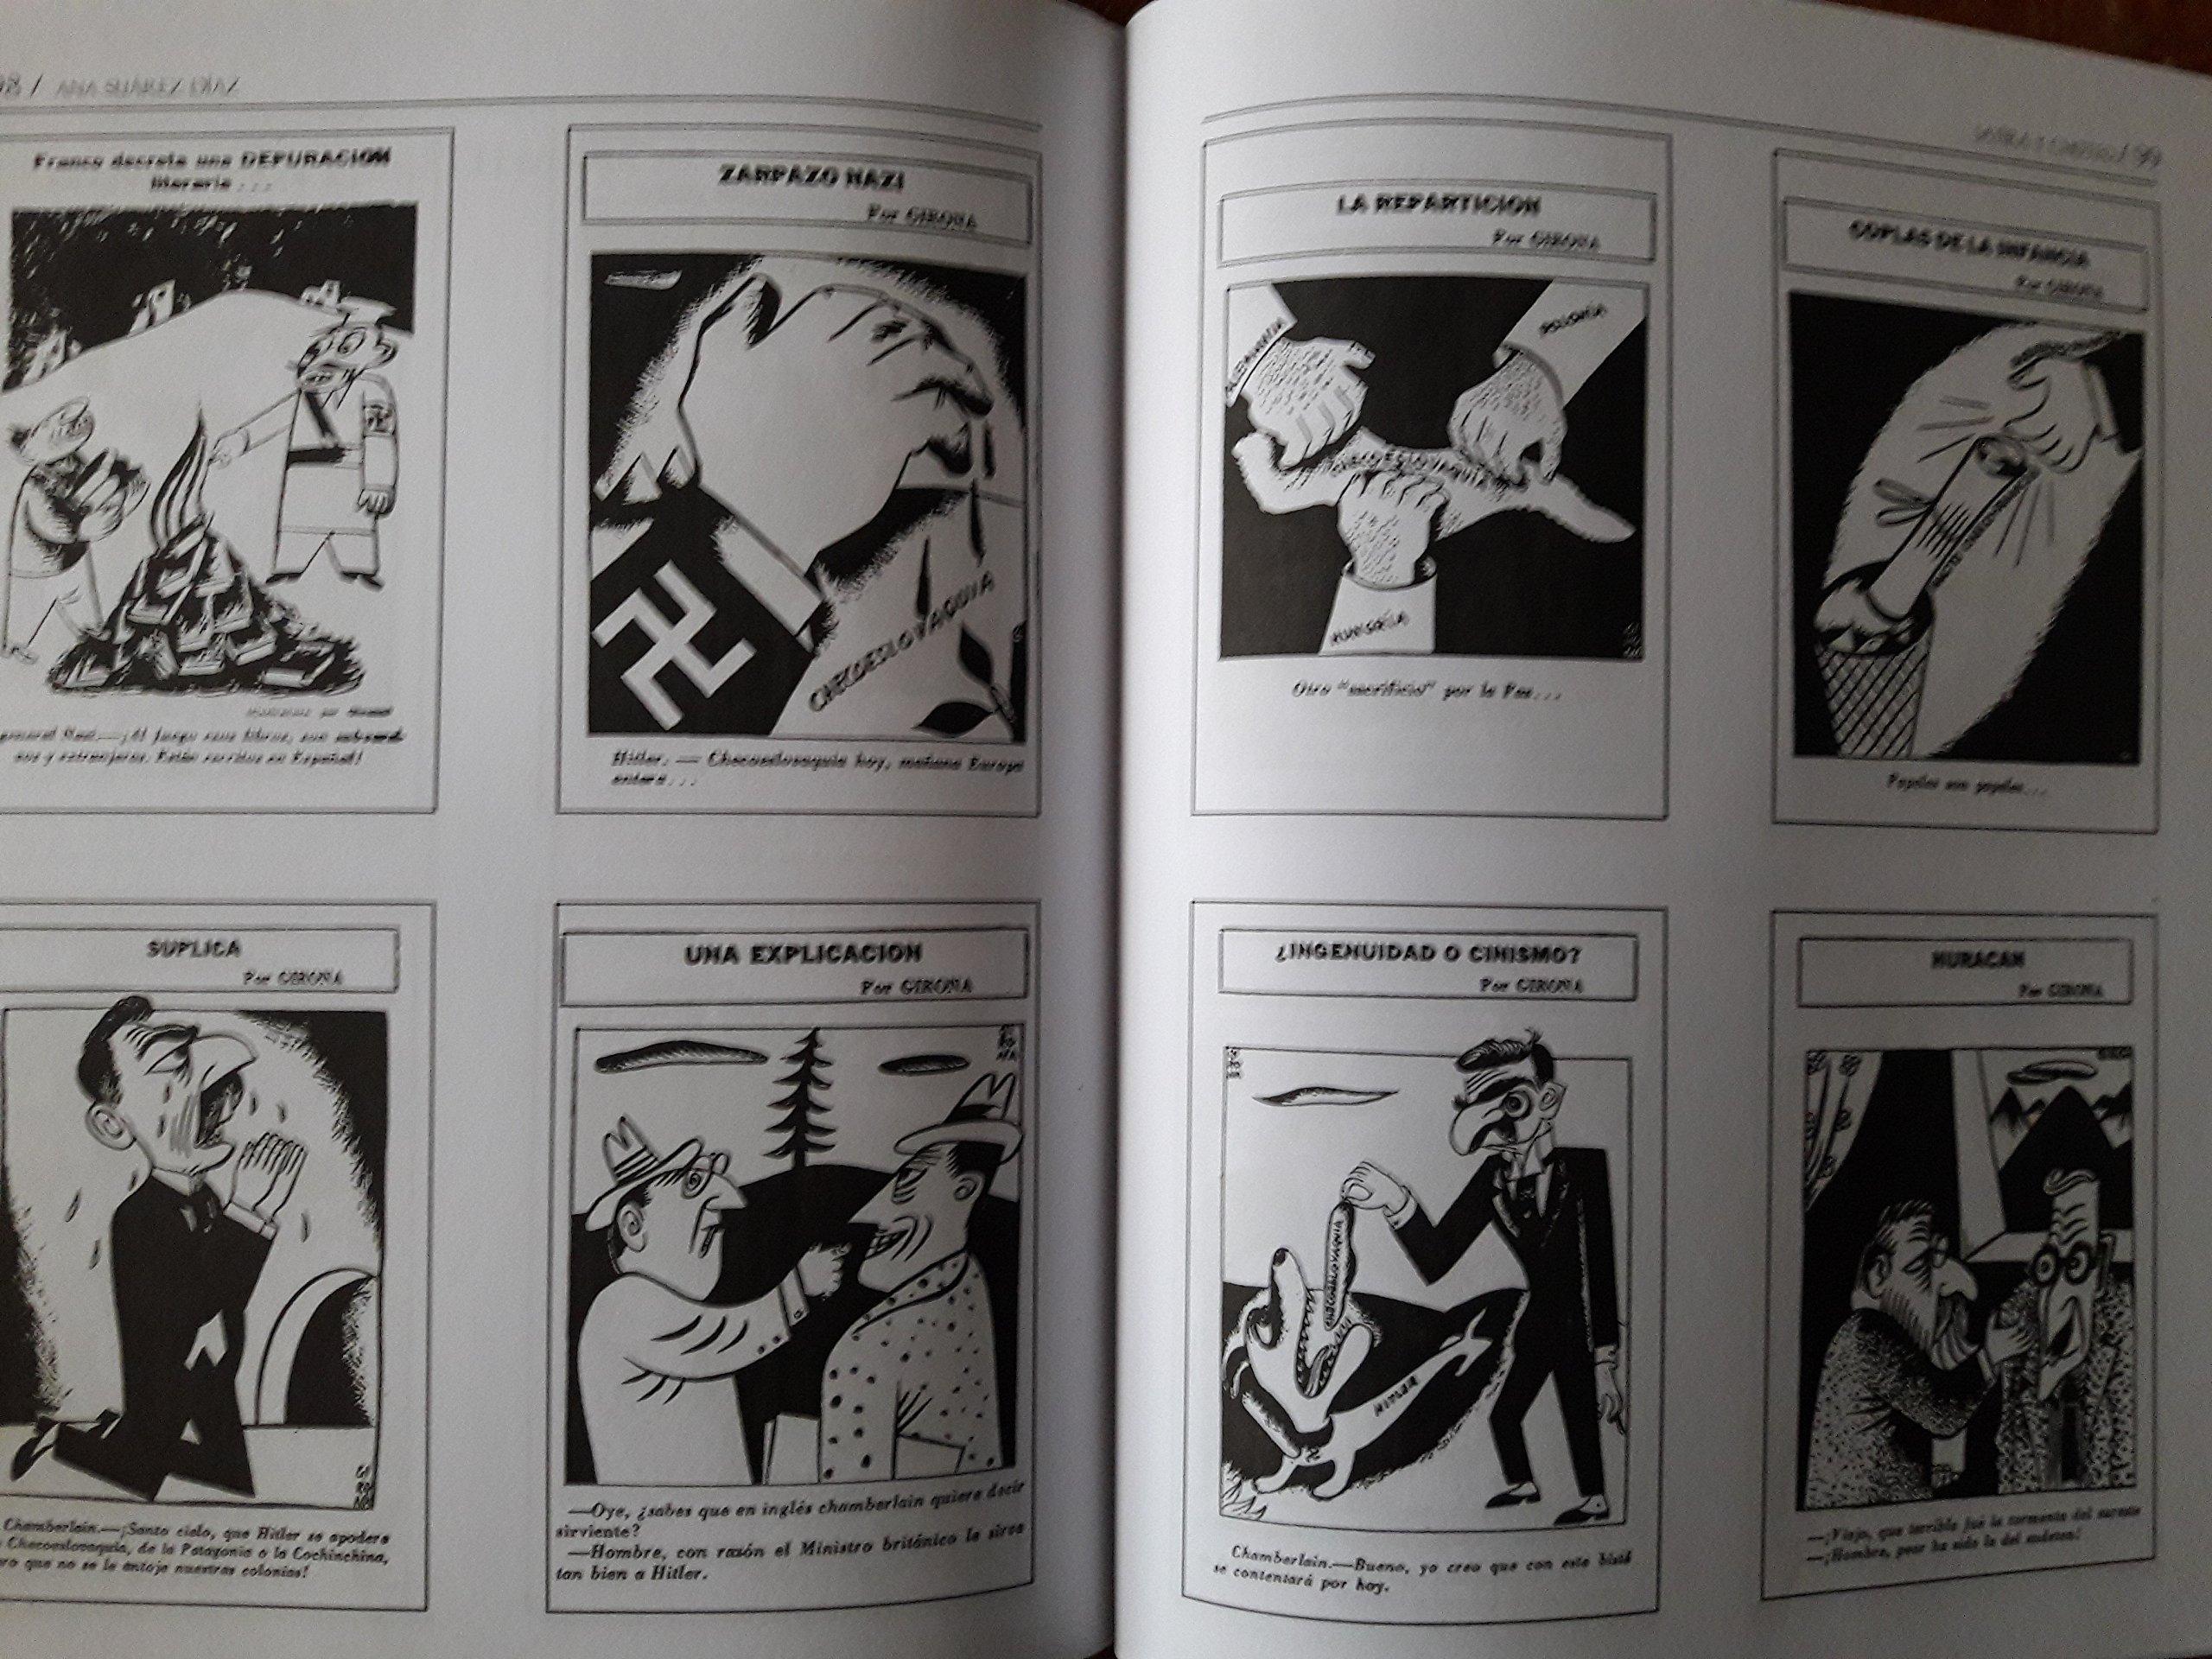 Satira y choteo.la caricatura politica de julio girona.: julio girona.ana suarez diaz., julio girona: 9789592684270: Amazon.com: Books